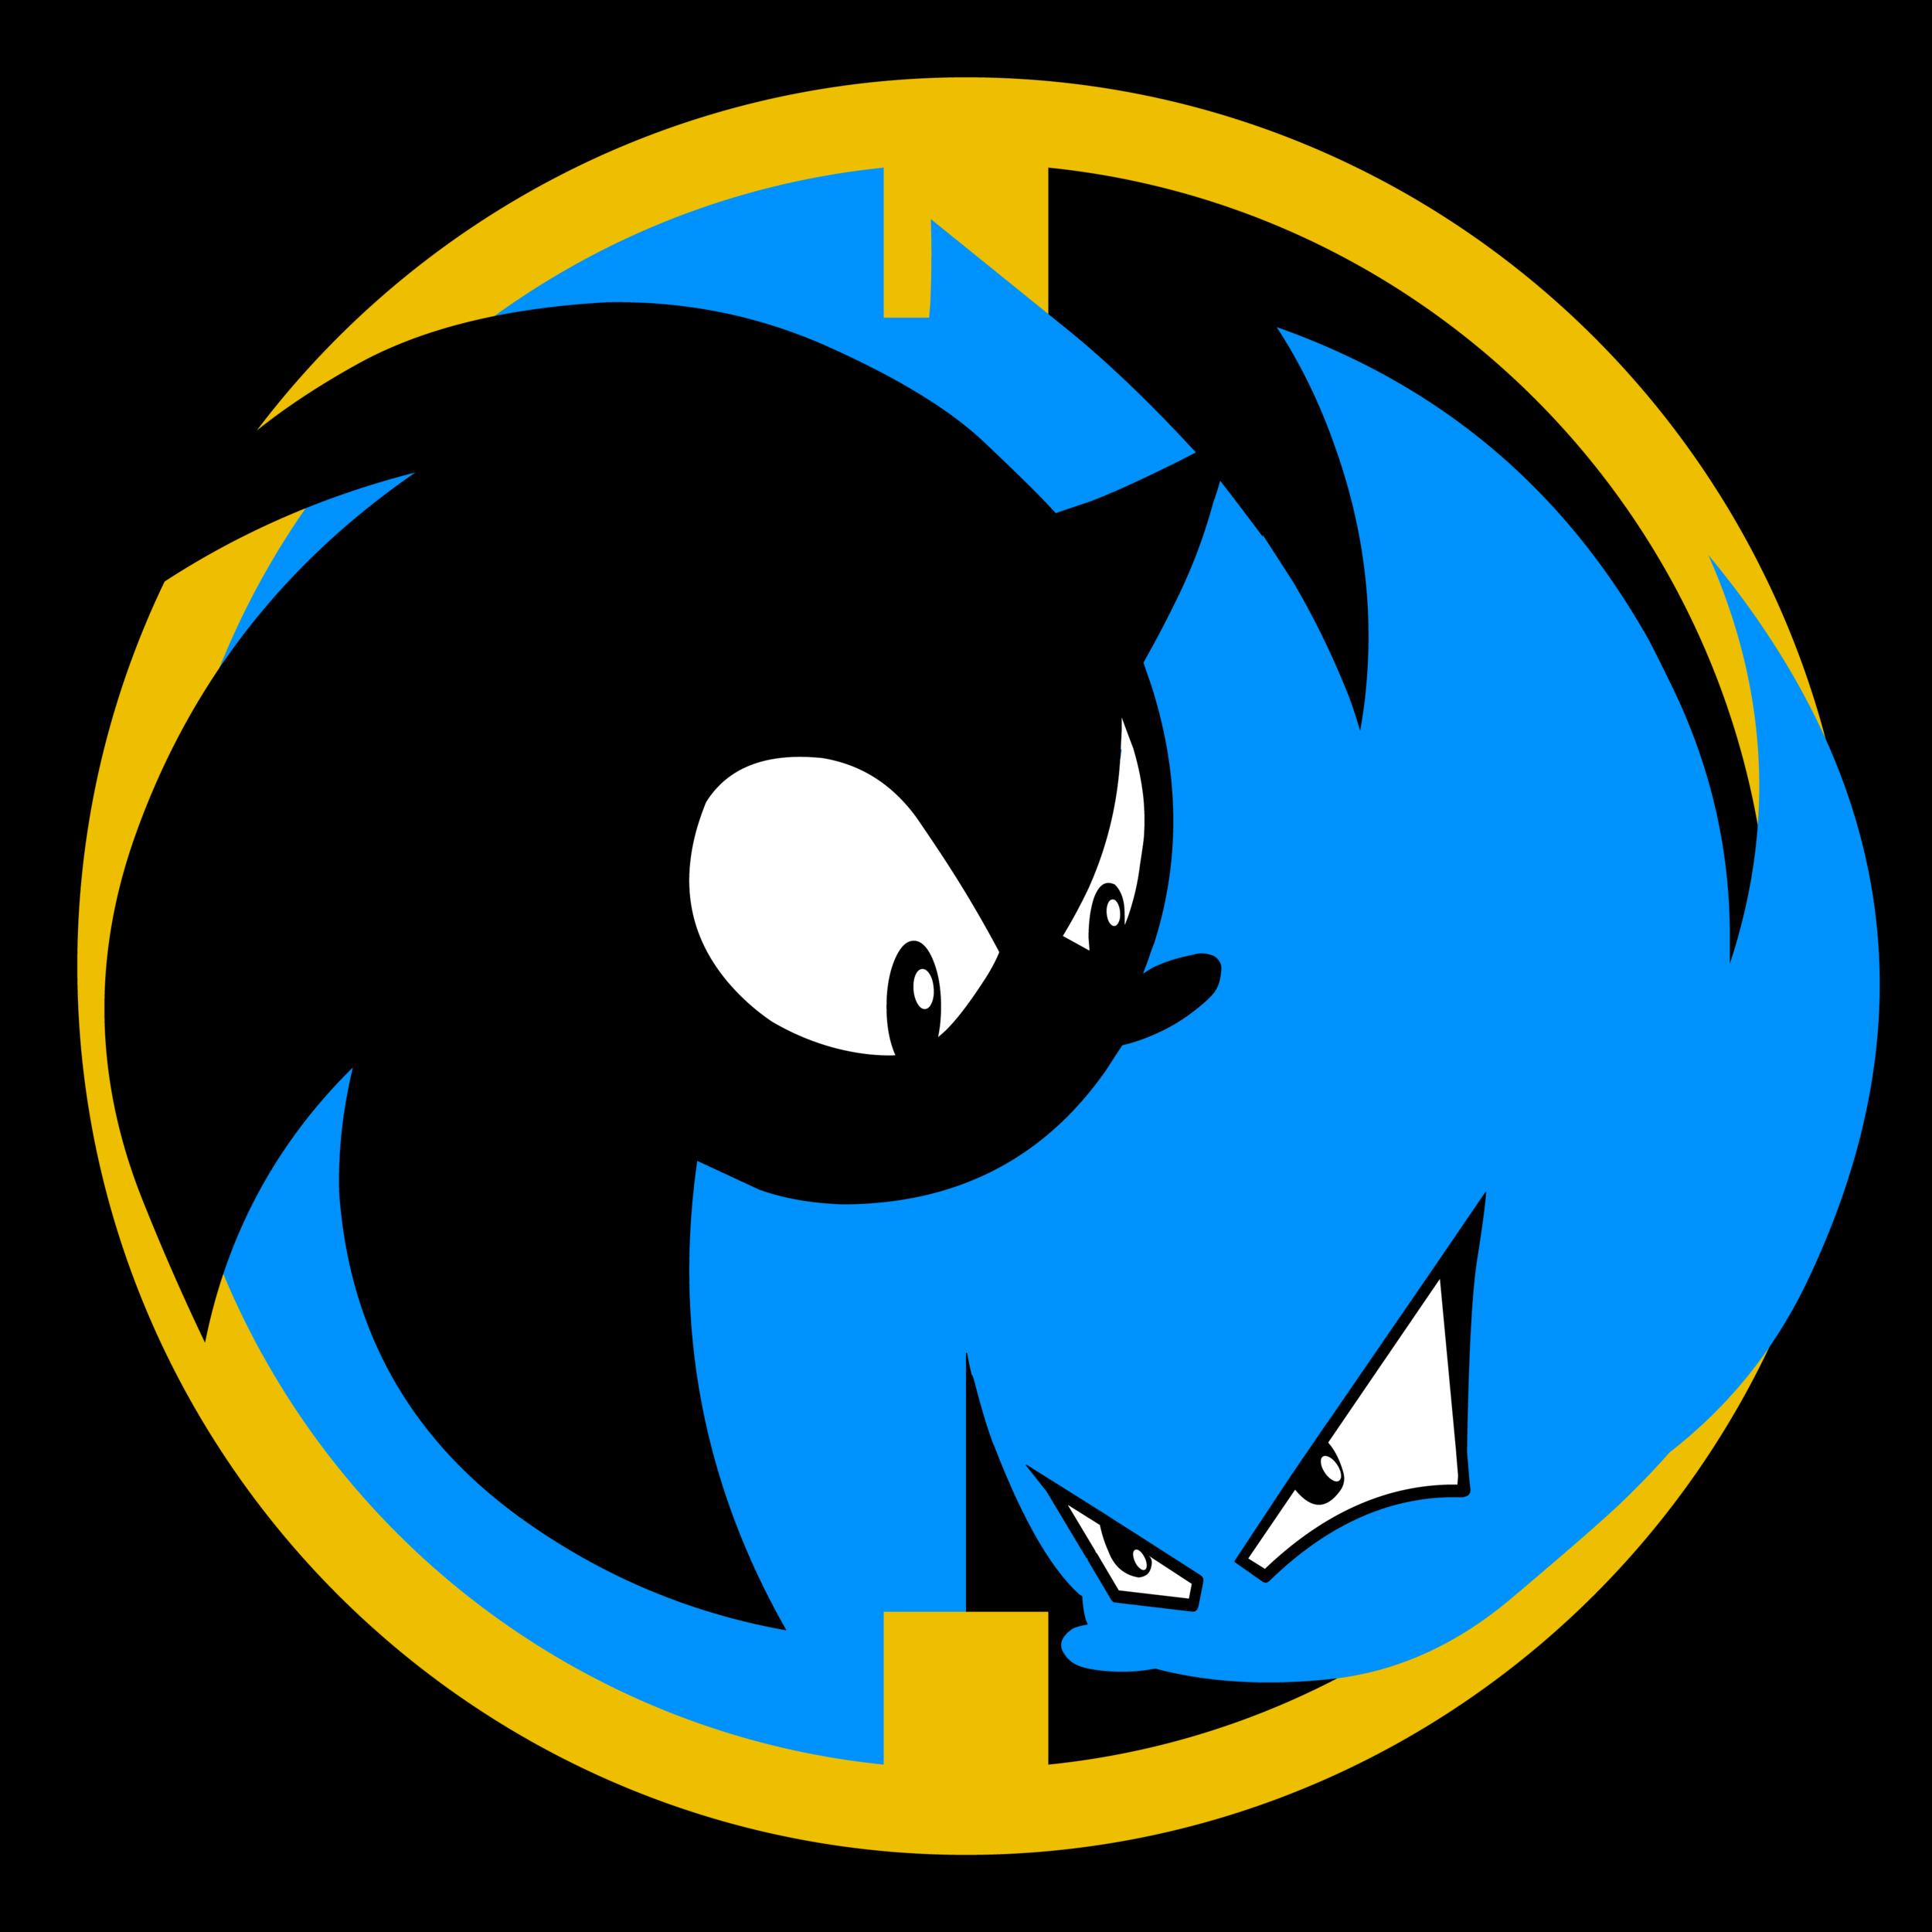 Wrath of Nazo Emblem